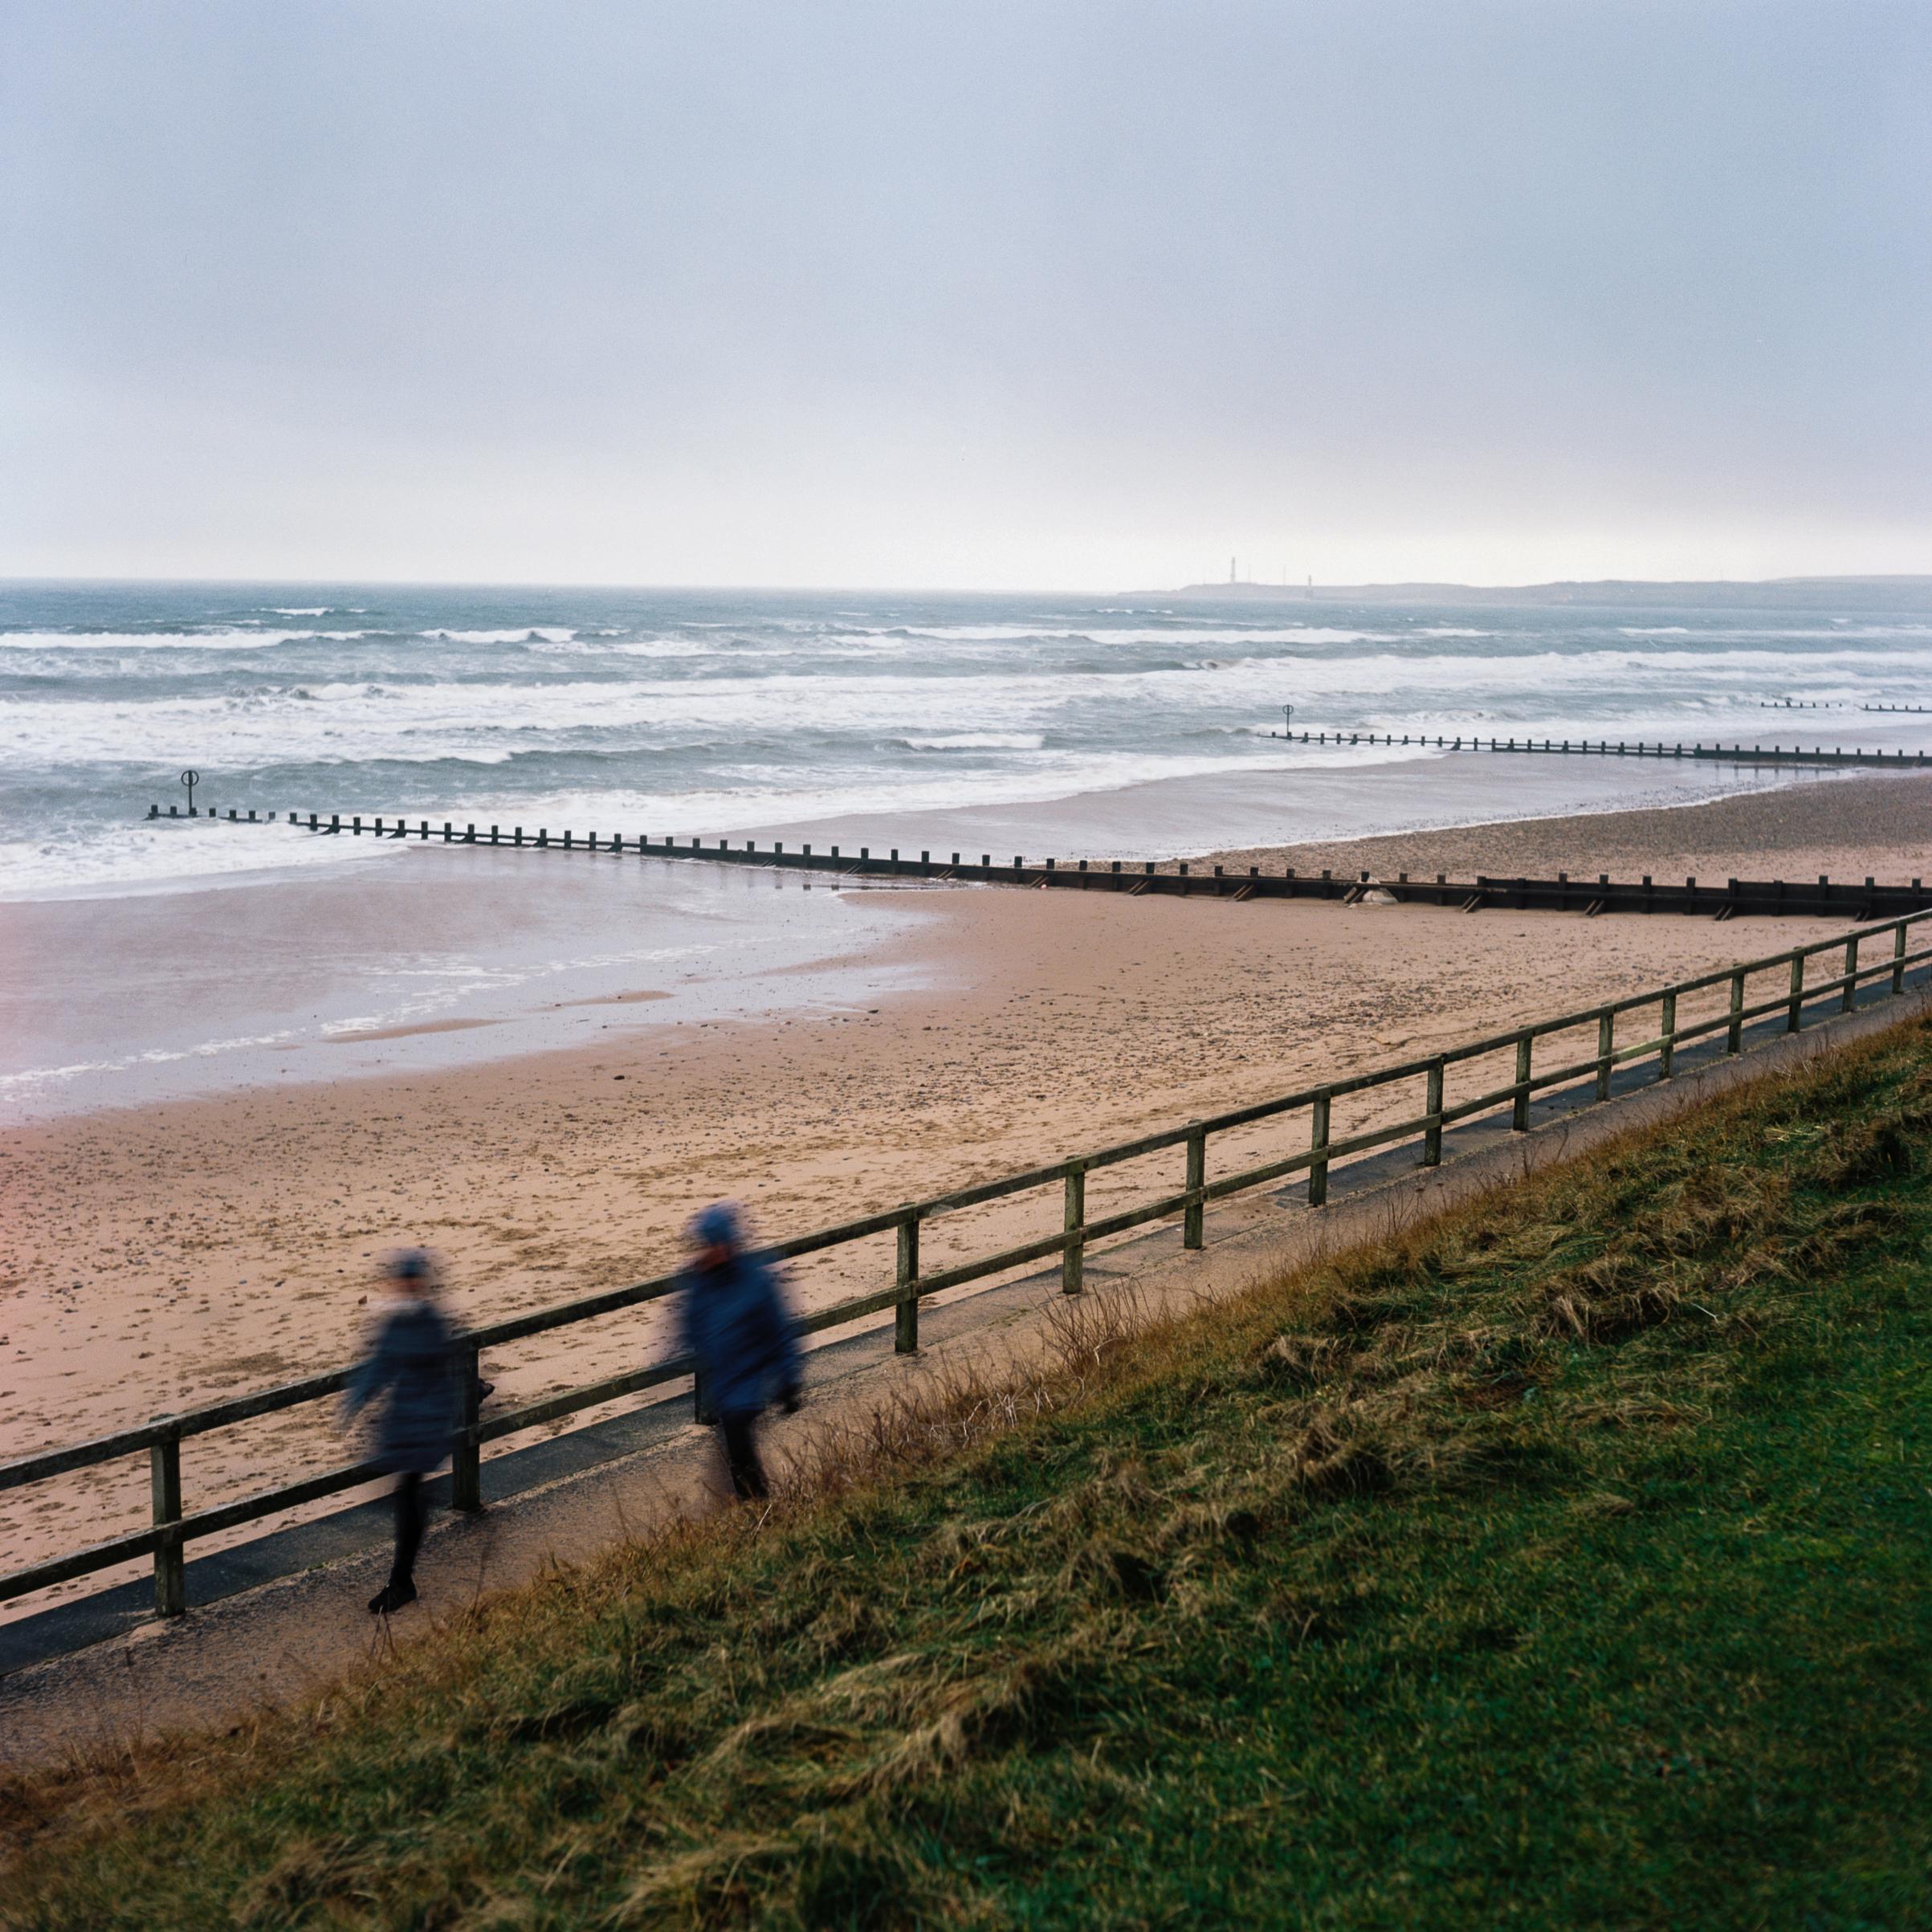 Windswept - Kodak Ektar 100